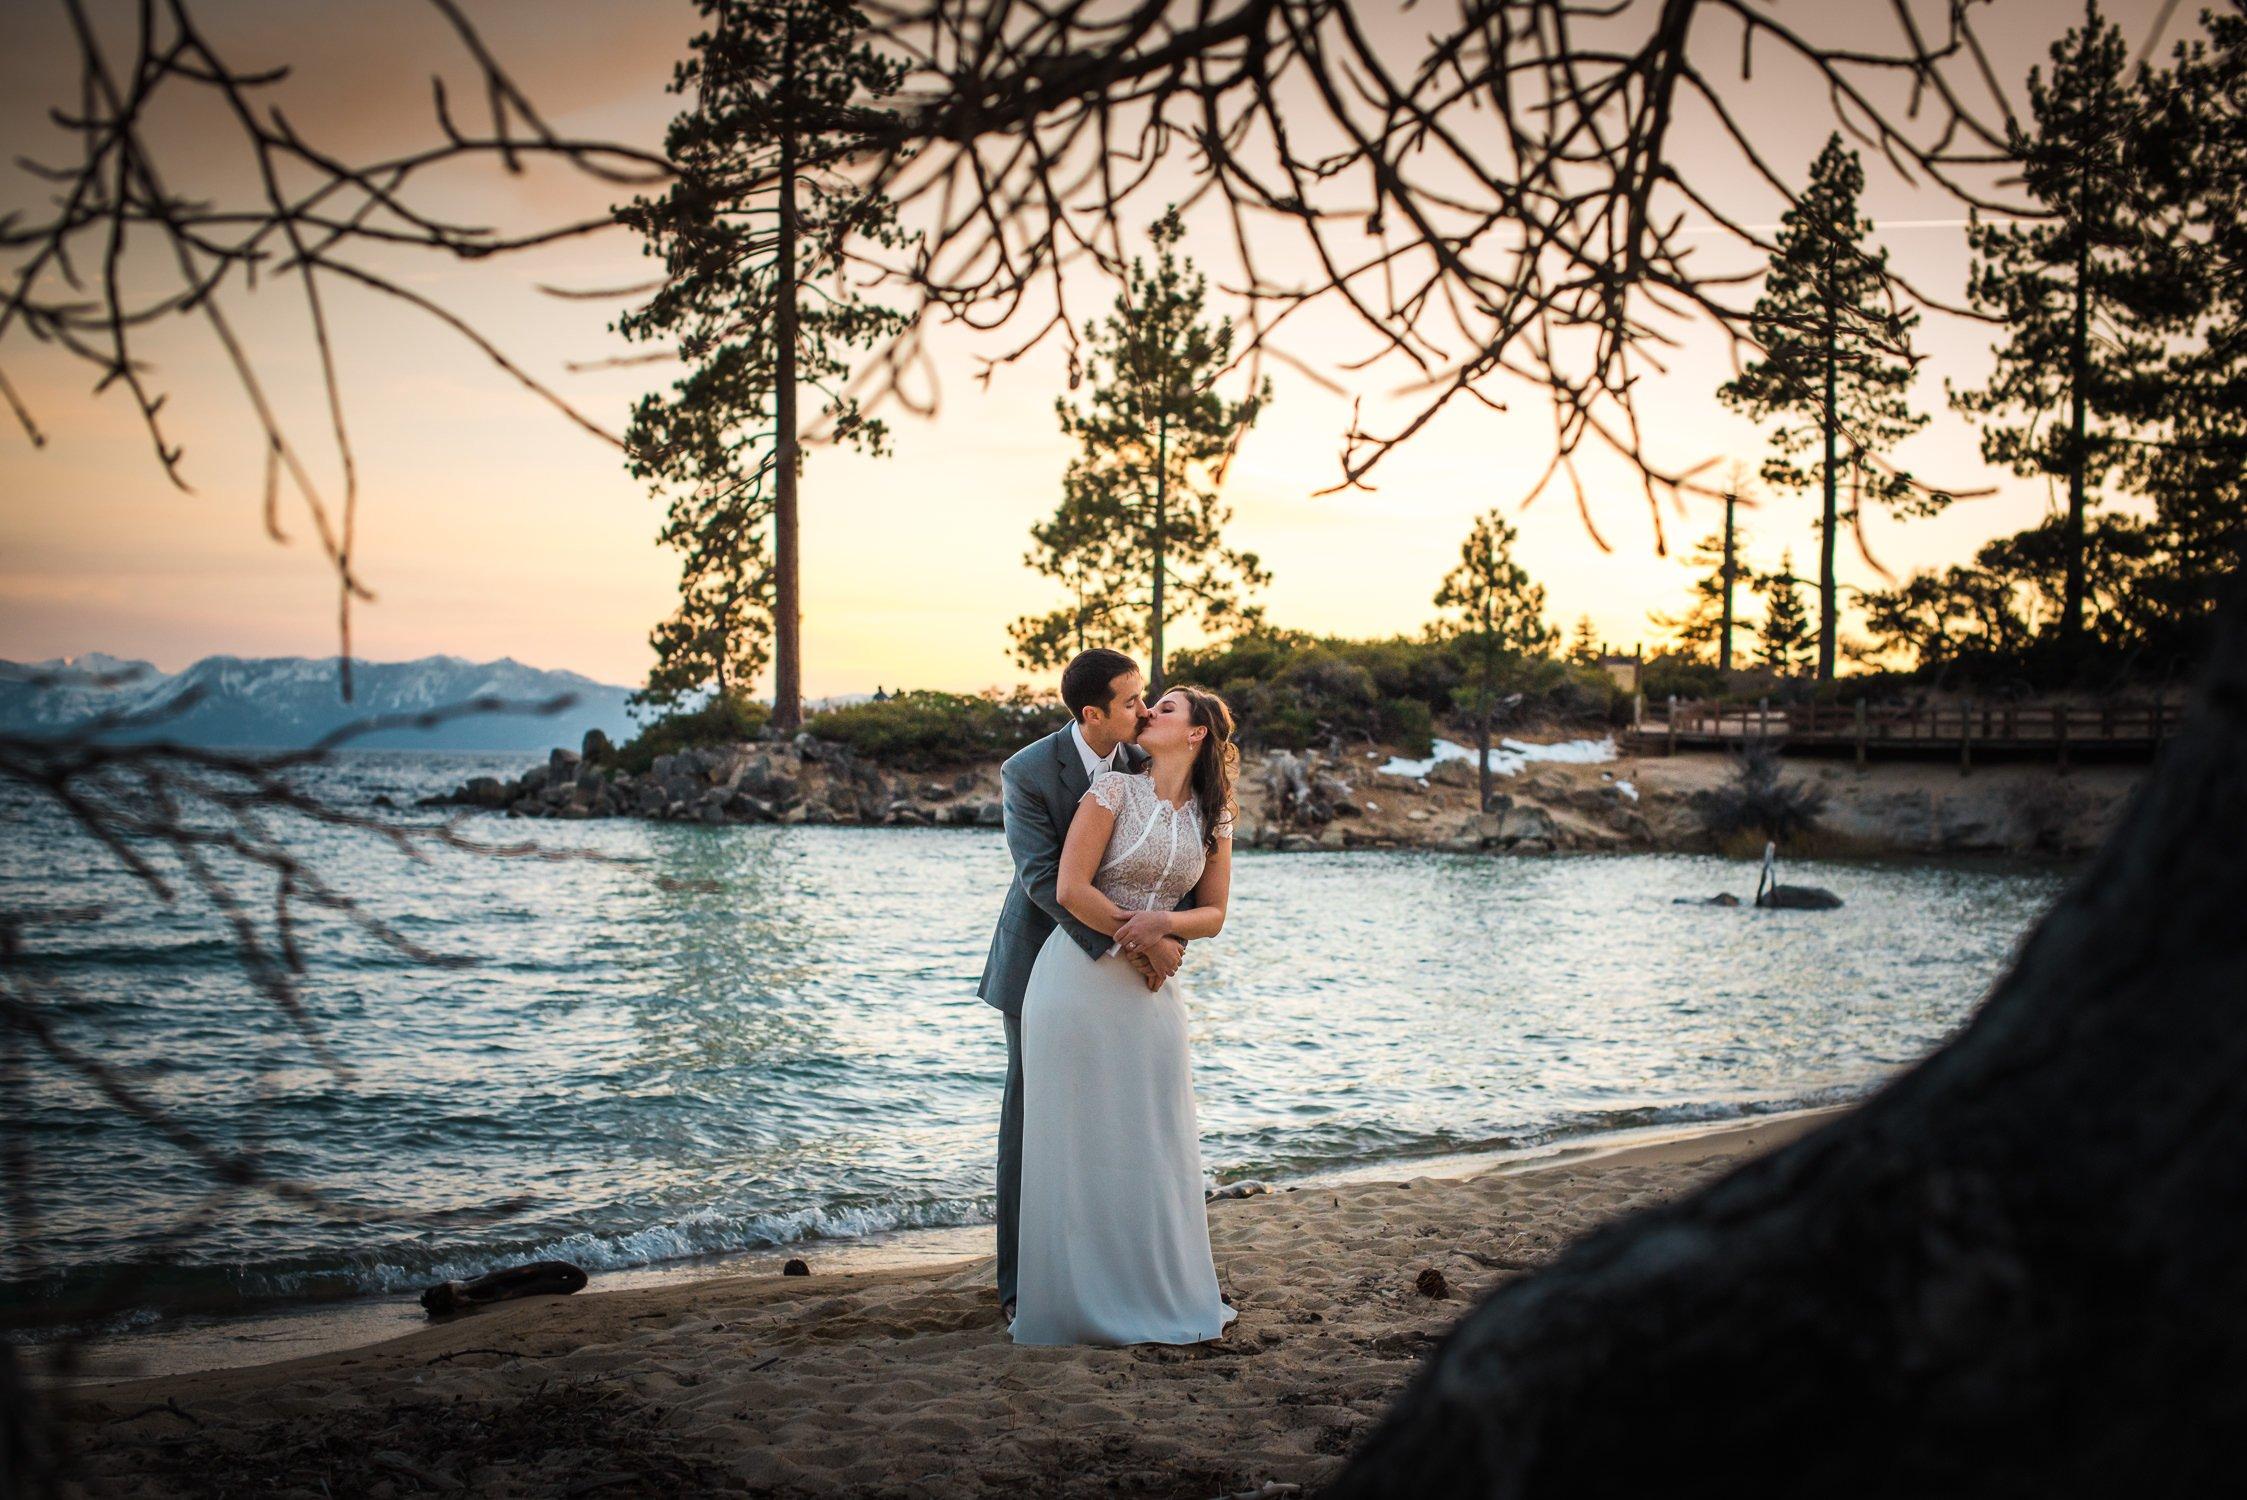 South Tahoe Weddings